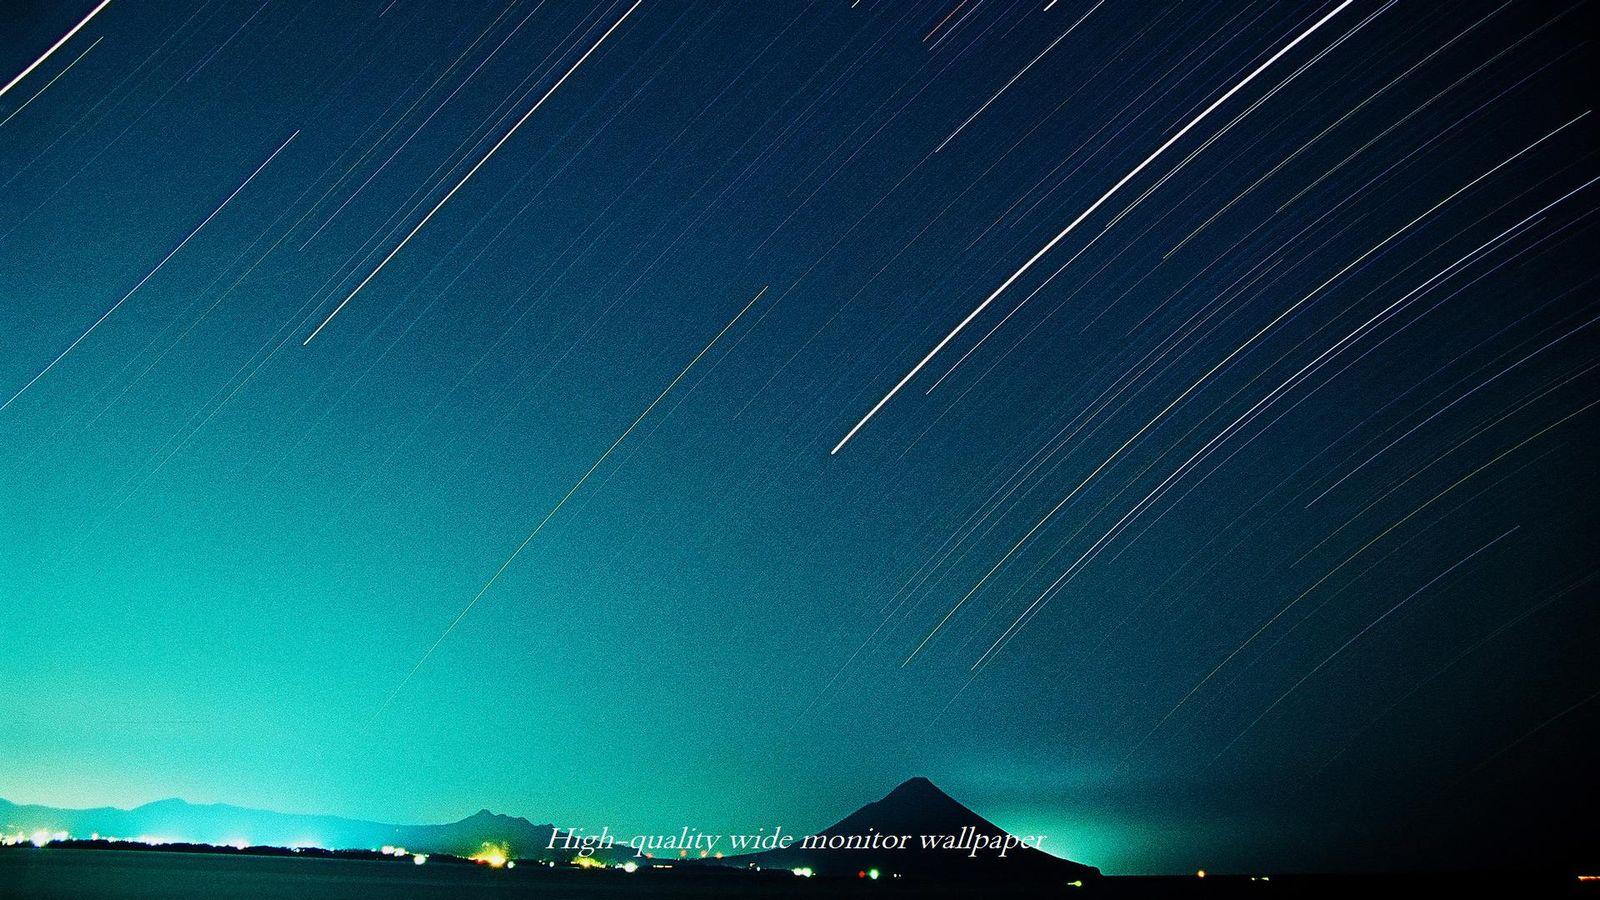 フィルムで撮影した開聞岳と星の光跡をモチーフにしましたワイドモニター 1600 900 高画質壁紙 アスペクト比 16 9 星景写真 長時間露光 Time Lapse 微速度撮影 夜間撮影 インターバル撮影